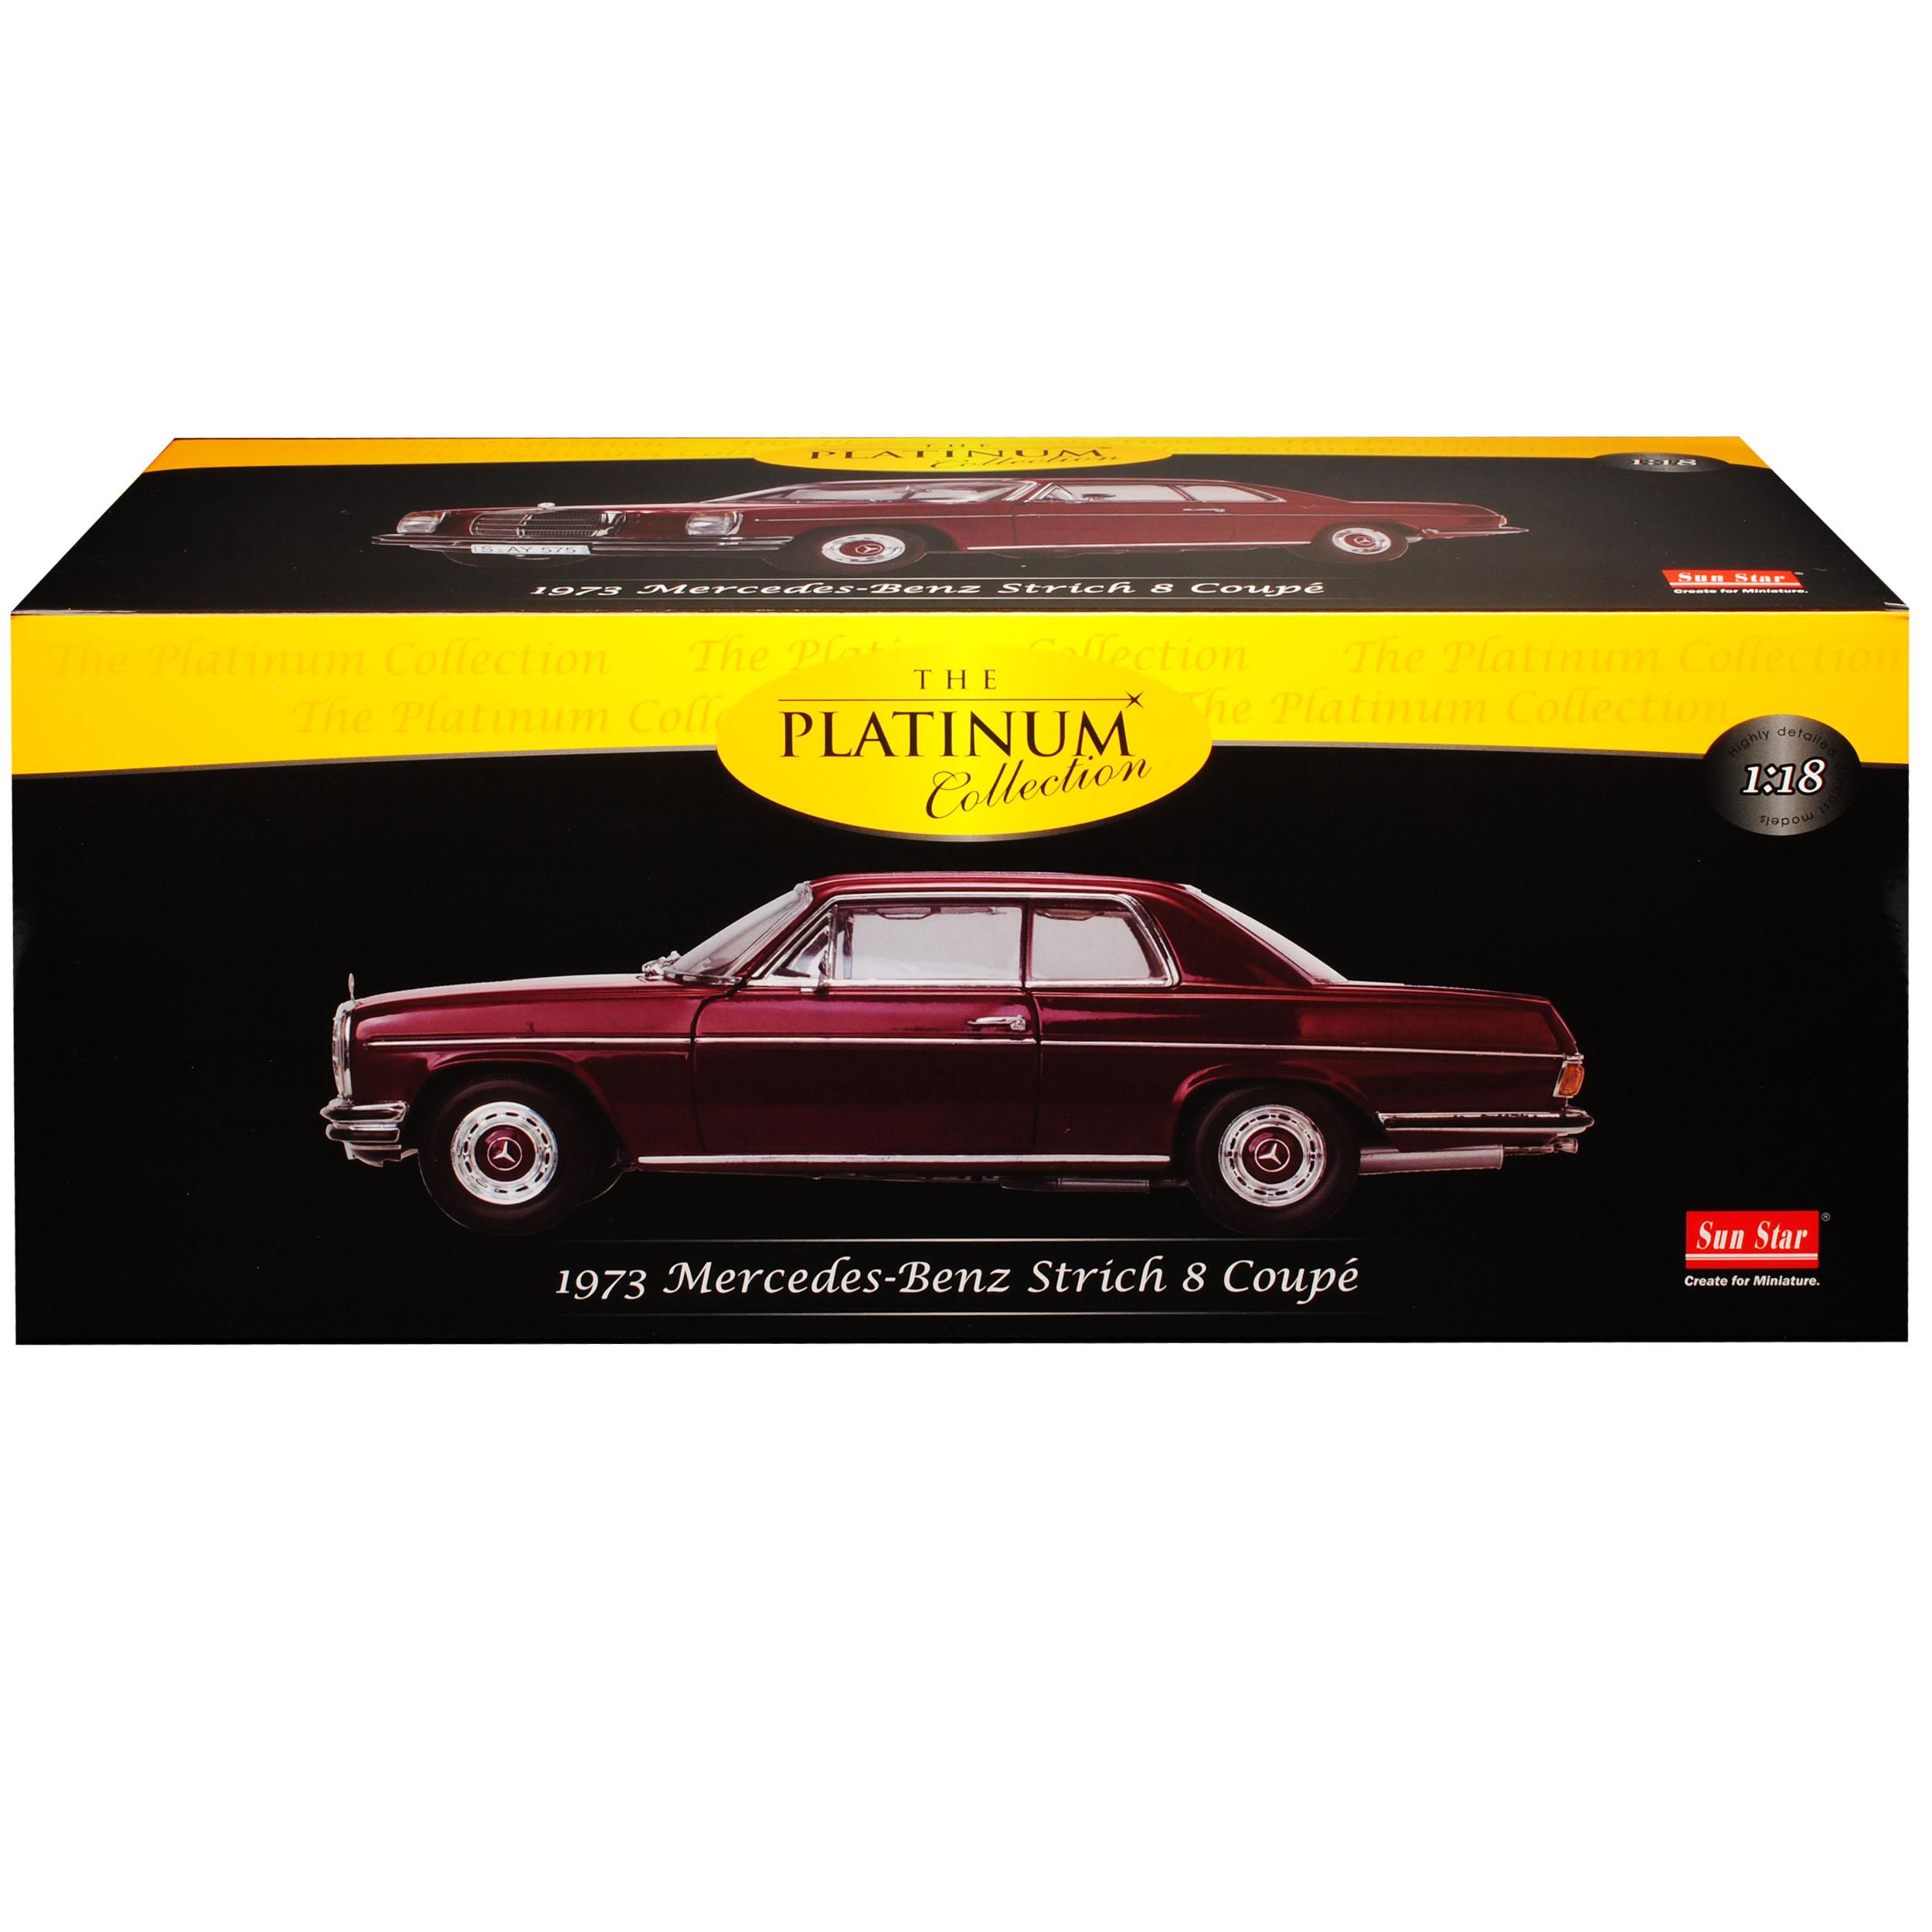 Mercedes-Benz-8-Strich-Acht-Coupe-Dunkel-Rot-W114-1967-1976-1-18-Sun-Star-Mod Indexbild 10